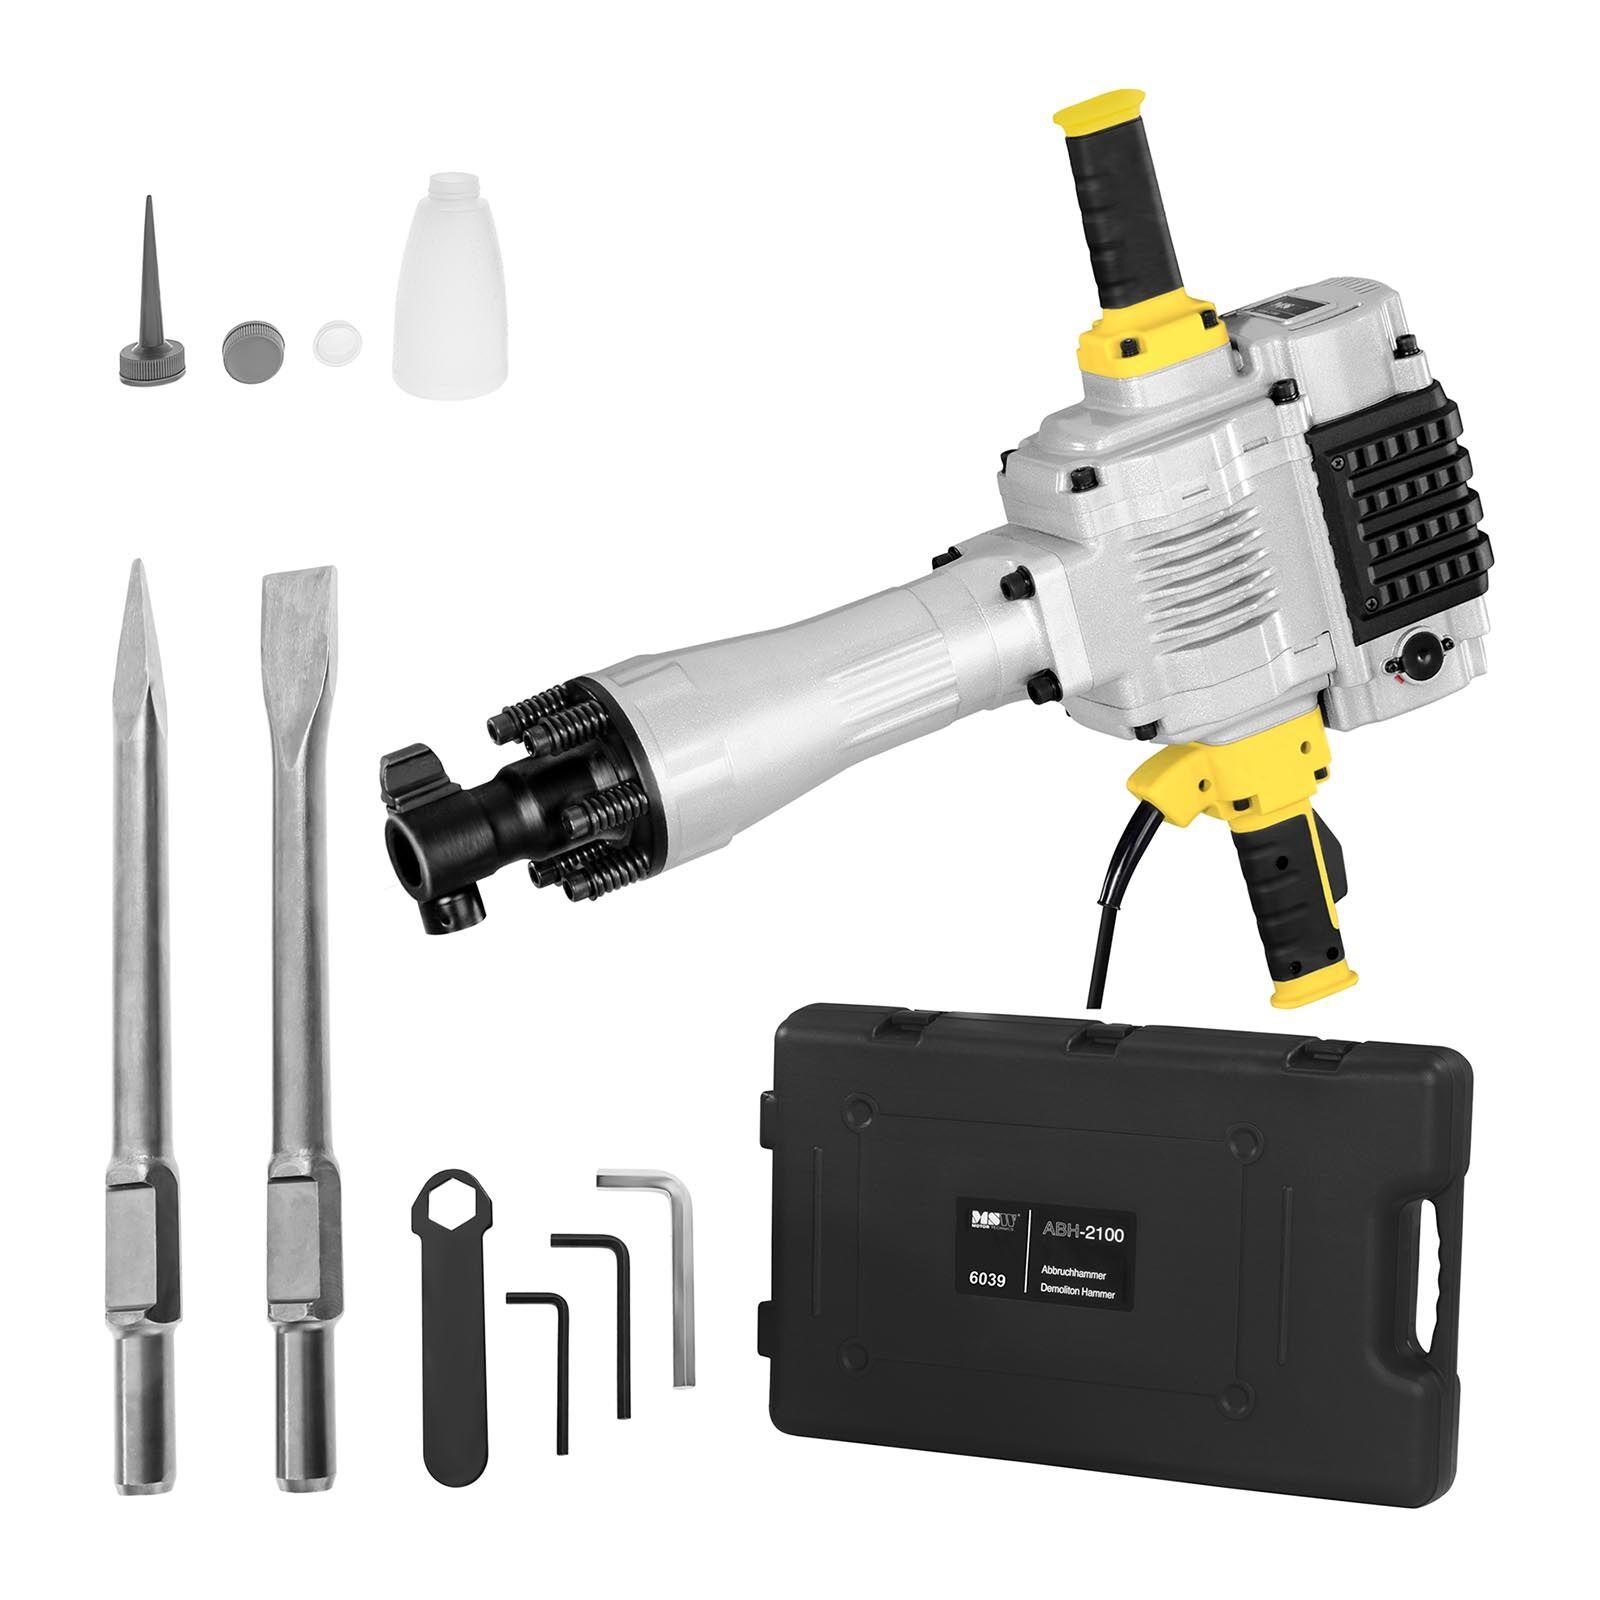 msw martello demolitore - 1.600 colpi/min - per uso professionale